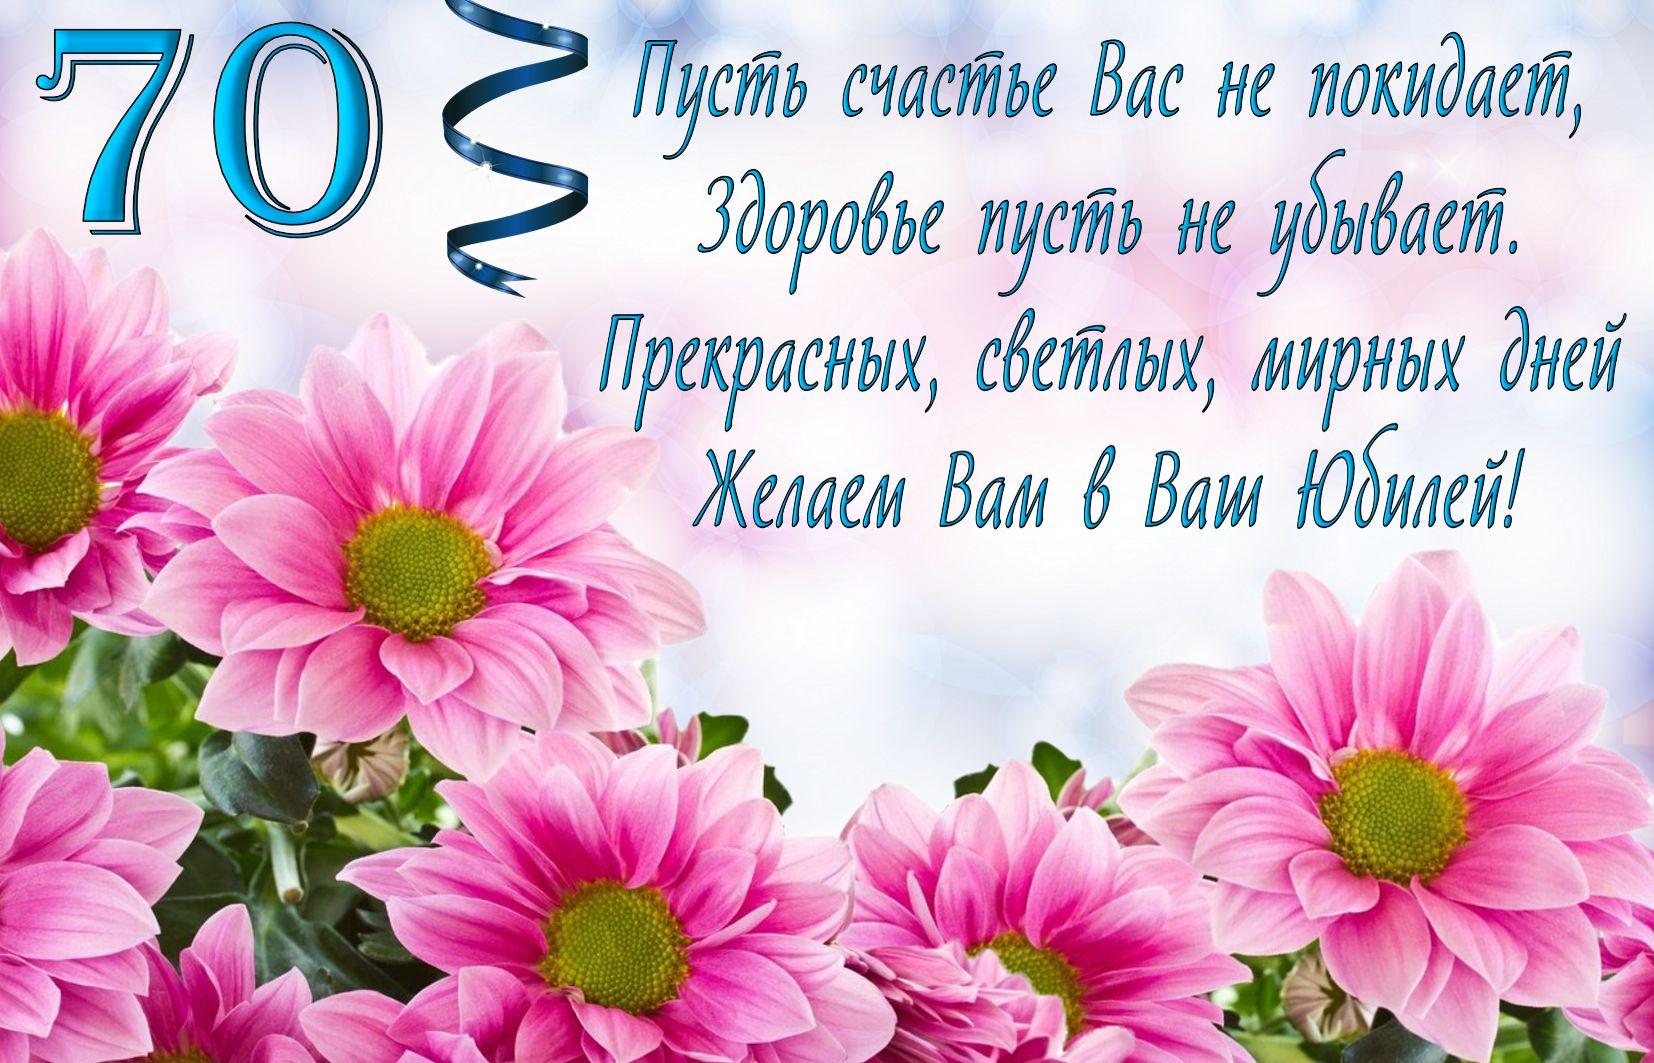 Розовые цветы и пожелание к юбилею на 70 лет